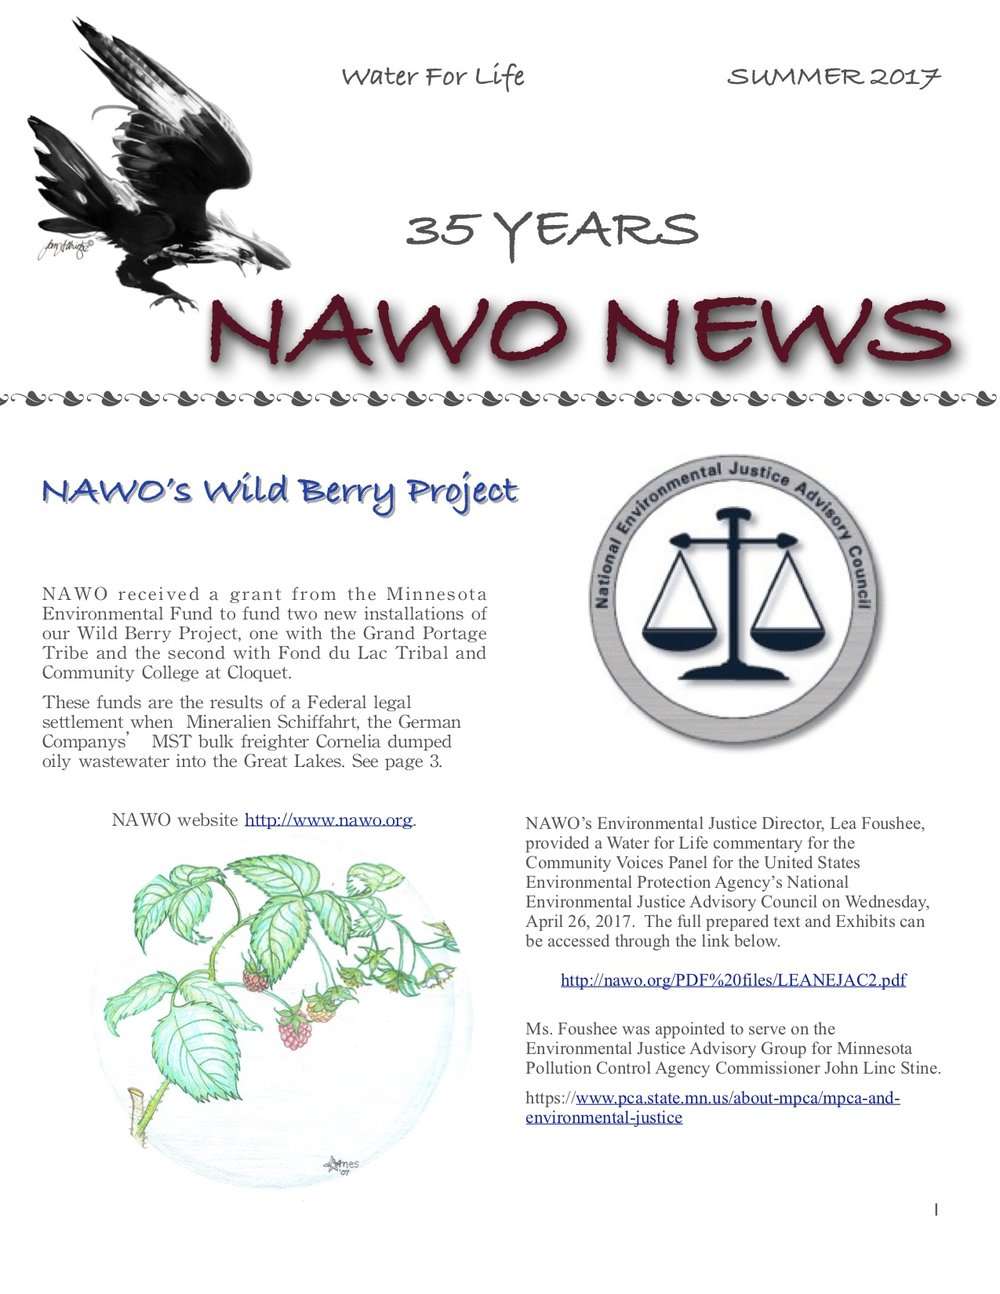 NAWO NEWS/2017